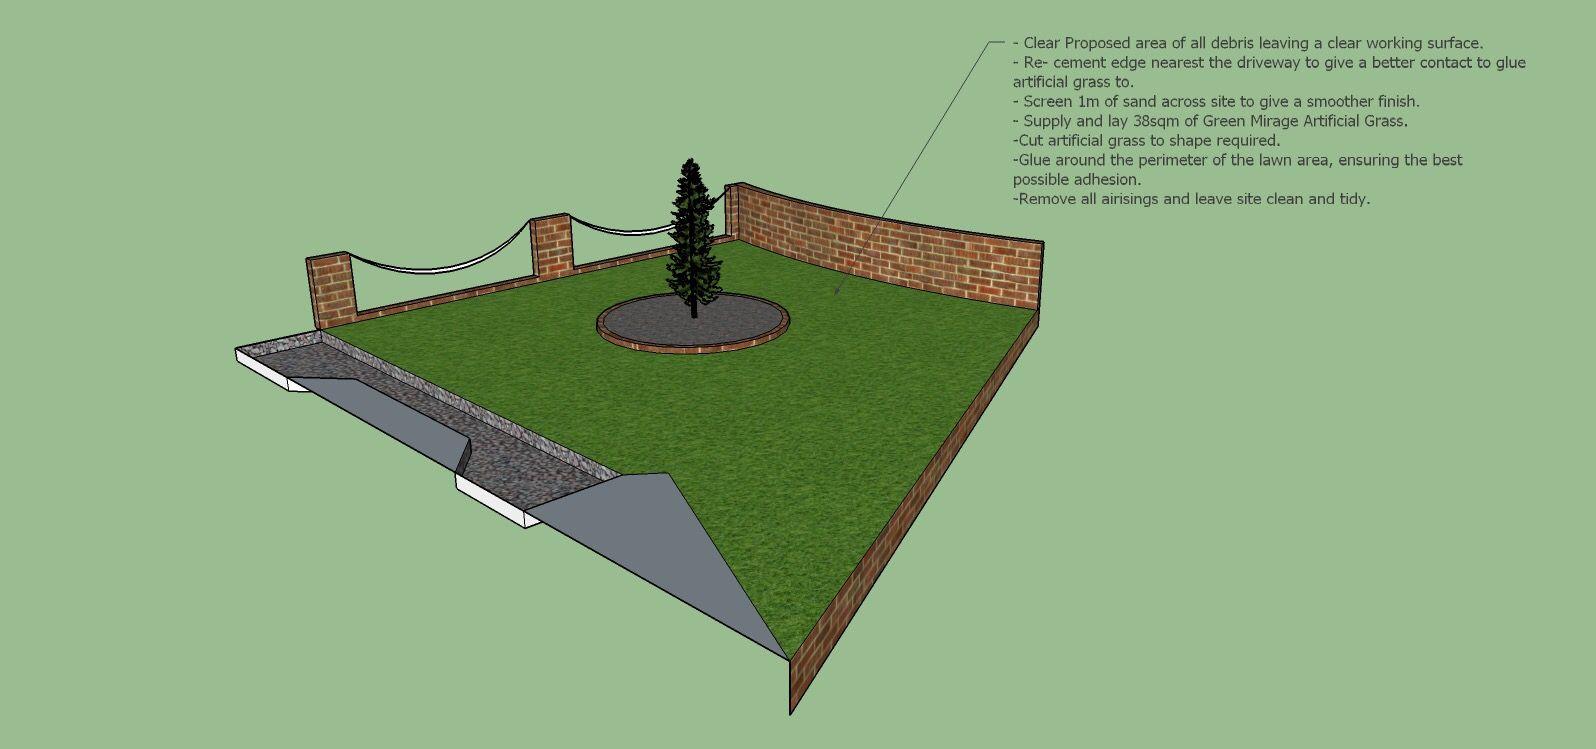 Artificial grass plan Artificial grass, Top soil, Grass